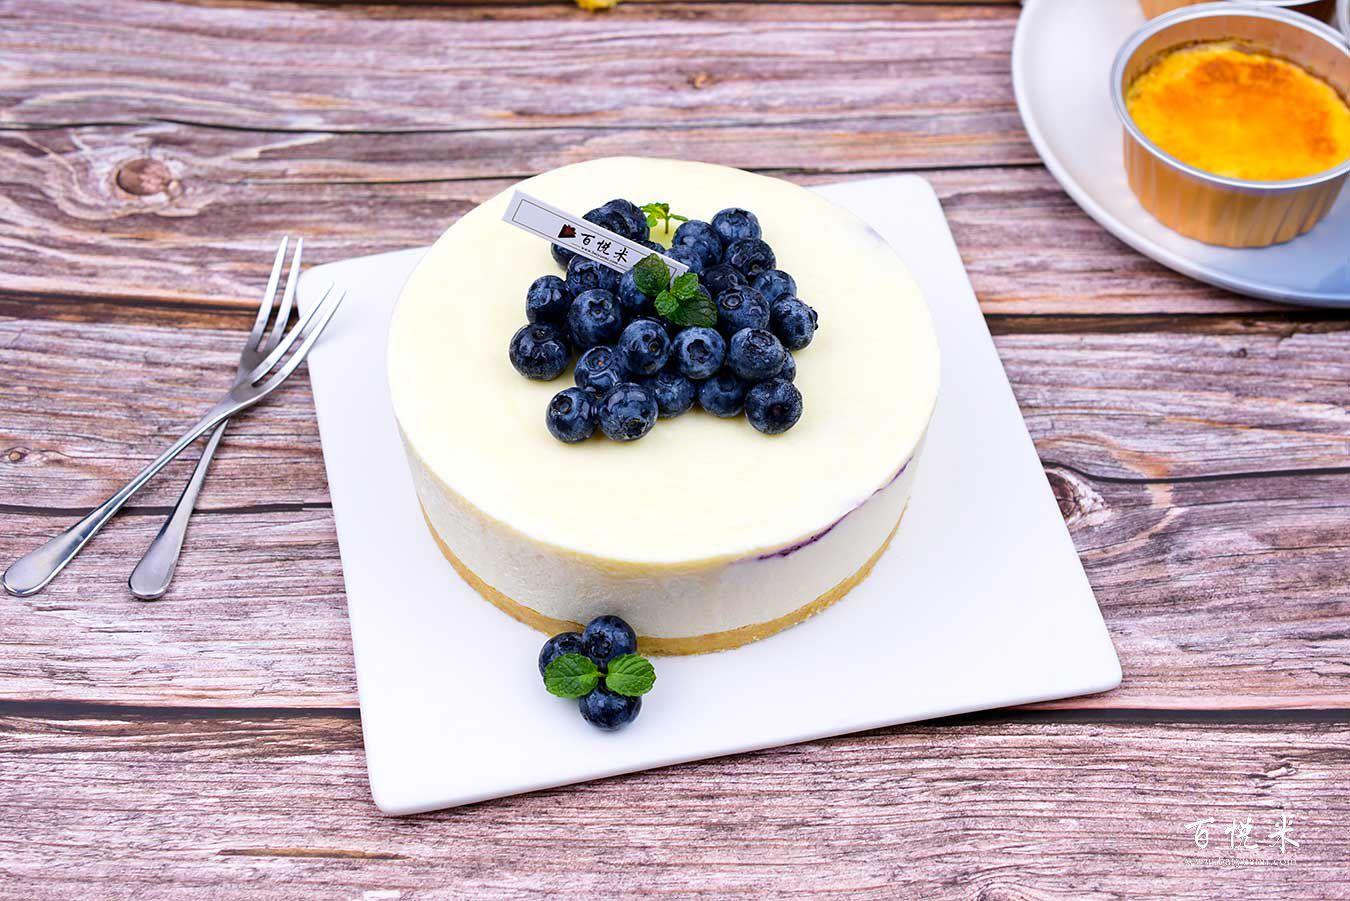 重芝士蛋糕高清图片大全【蛋糕图片】_510